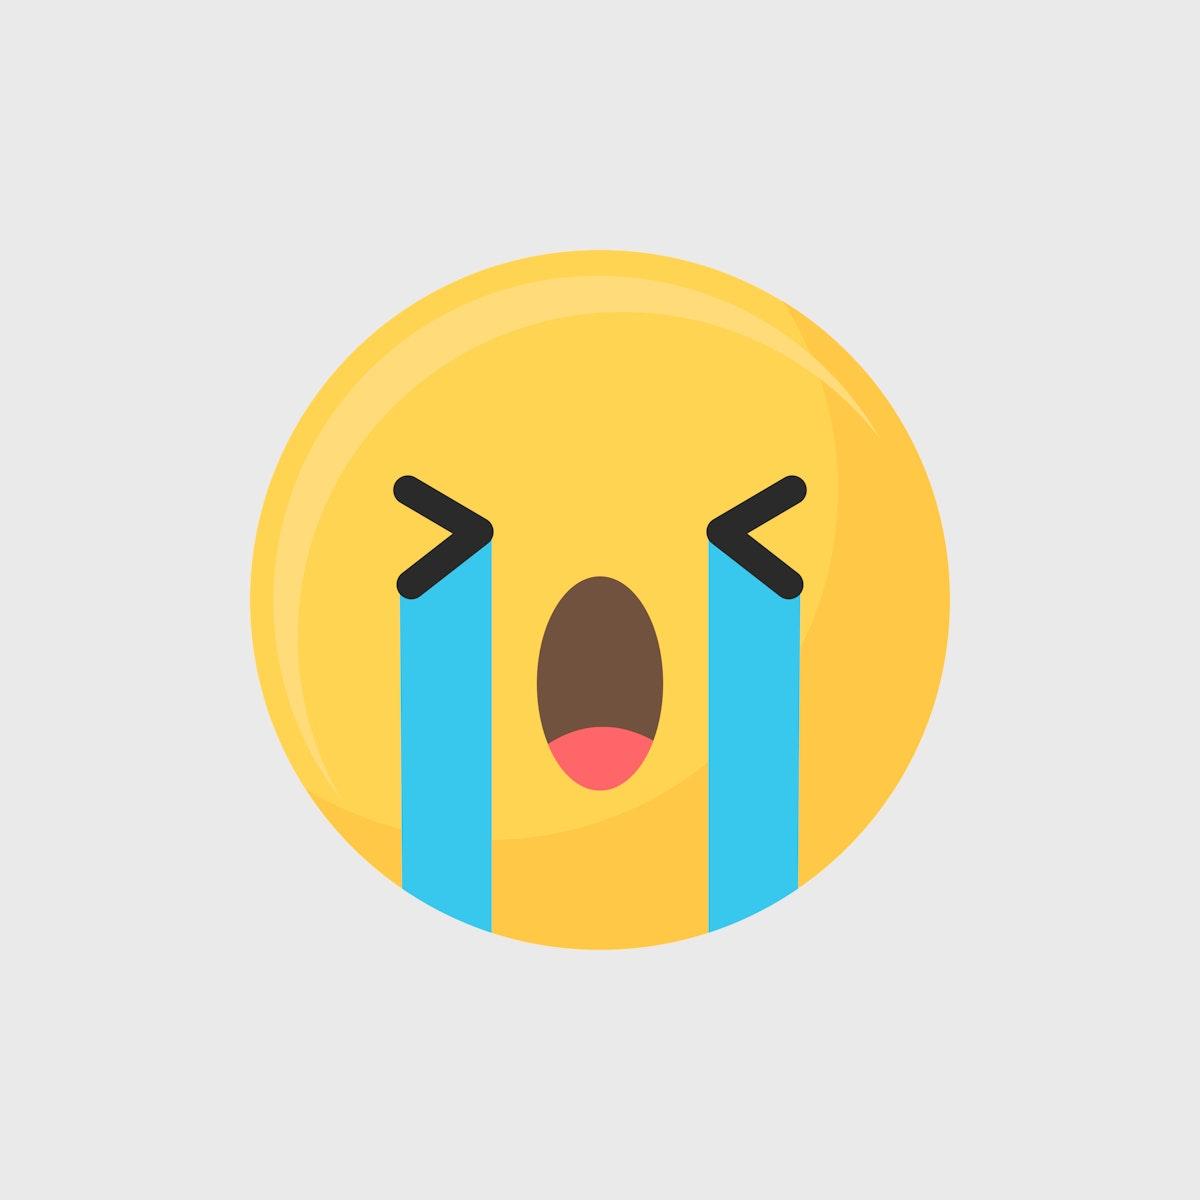 Crying face emoticon symbol vector